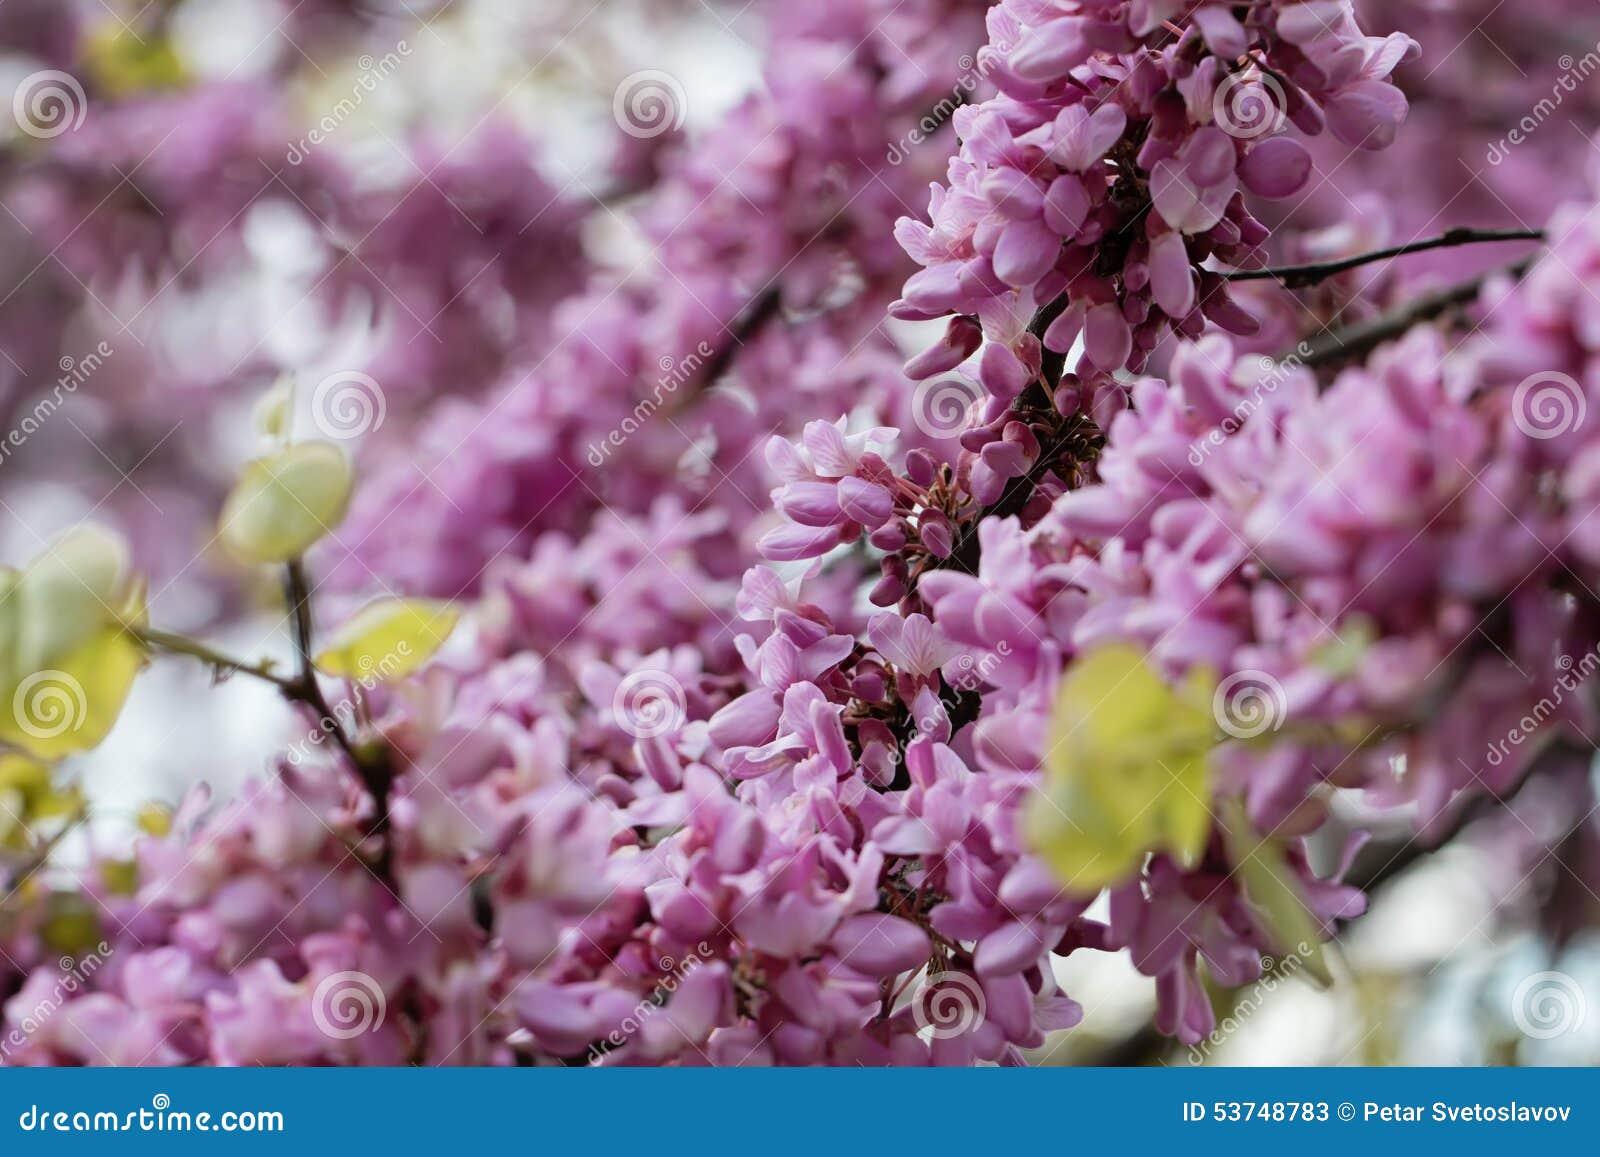 Judas Tree Flower Stock Image Image Of Color Foliage